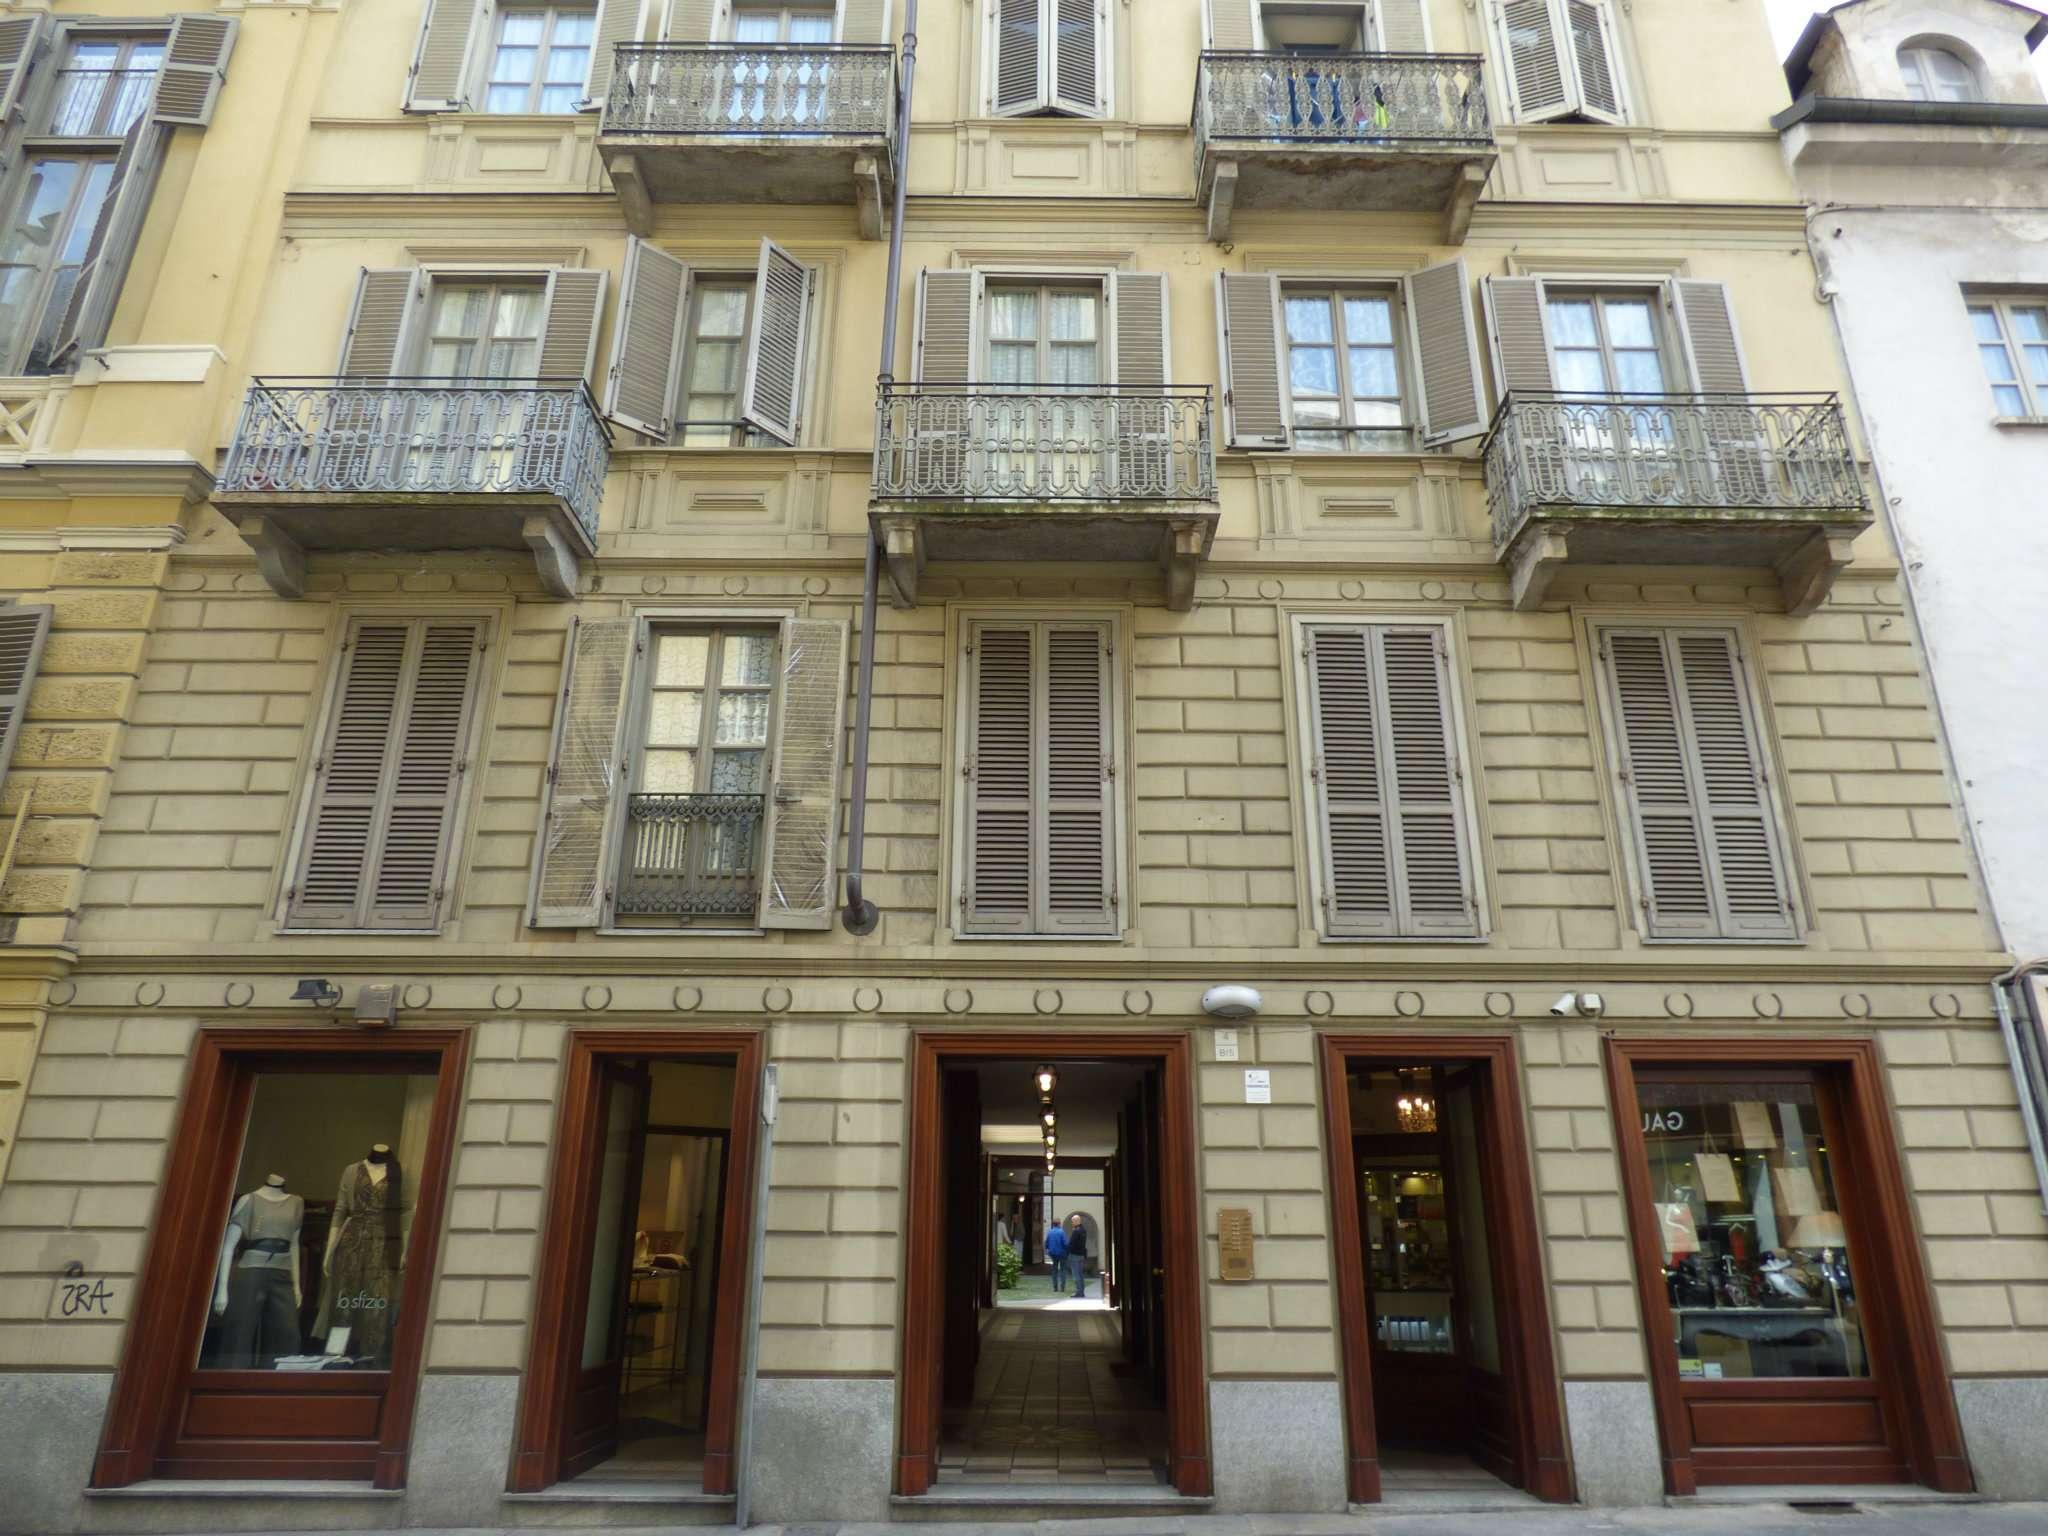 Negozio / Locale in affitto a Torino, 3 locali, zona Zona: 1 . Centro, Quadrilatero Romano, Repubblica, Giardini Reali, prezzo € 2.000 | Cambio Casa.it